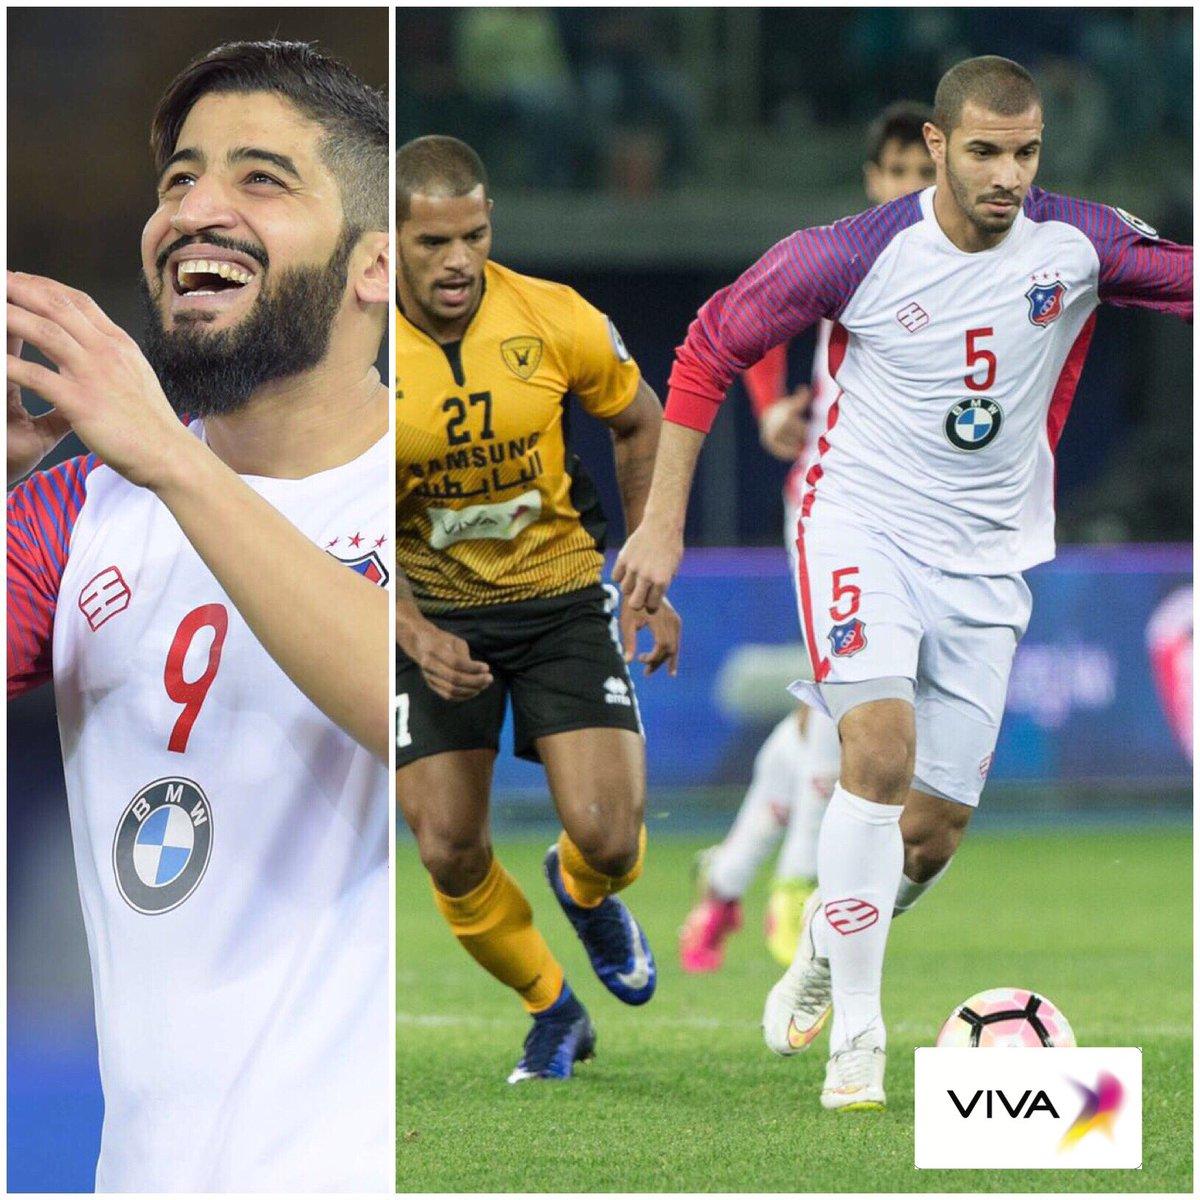 نبارك لنادي الكويت الفوز بنهائي كاس ولي العهد وهاردلك لنادي القادسية ⚽️